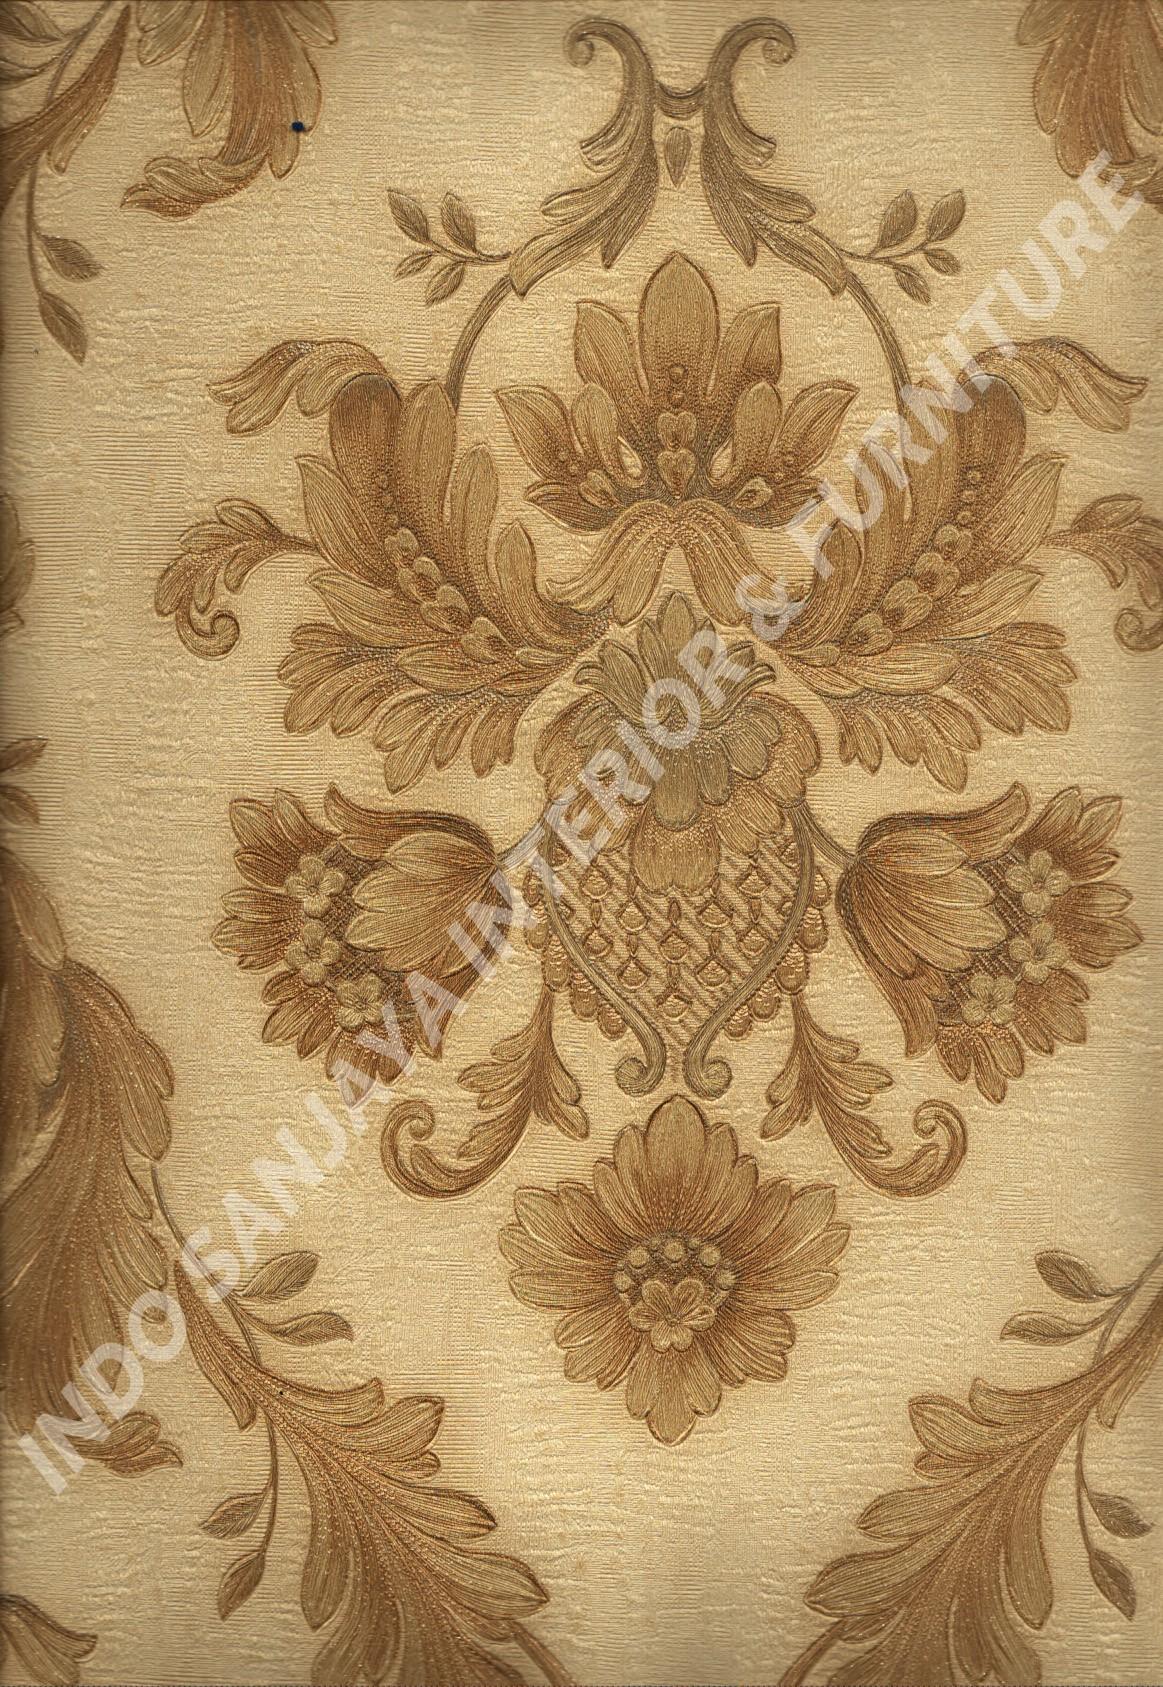 wallpaper   Wallpaper Klasik Batik (Damask) 51006-3:51006-3 corak  warna